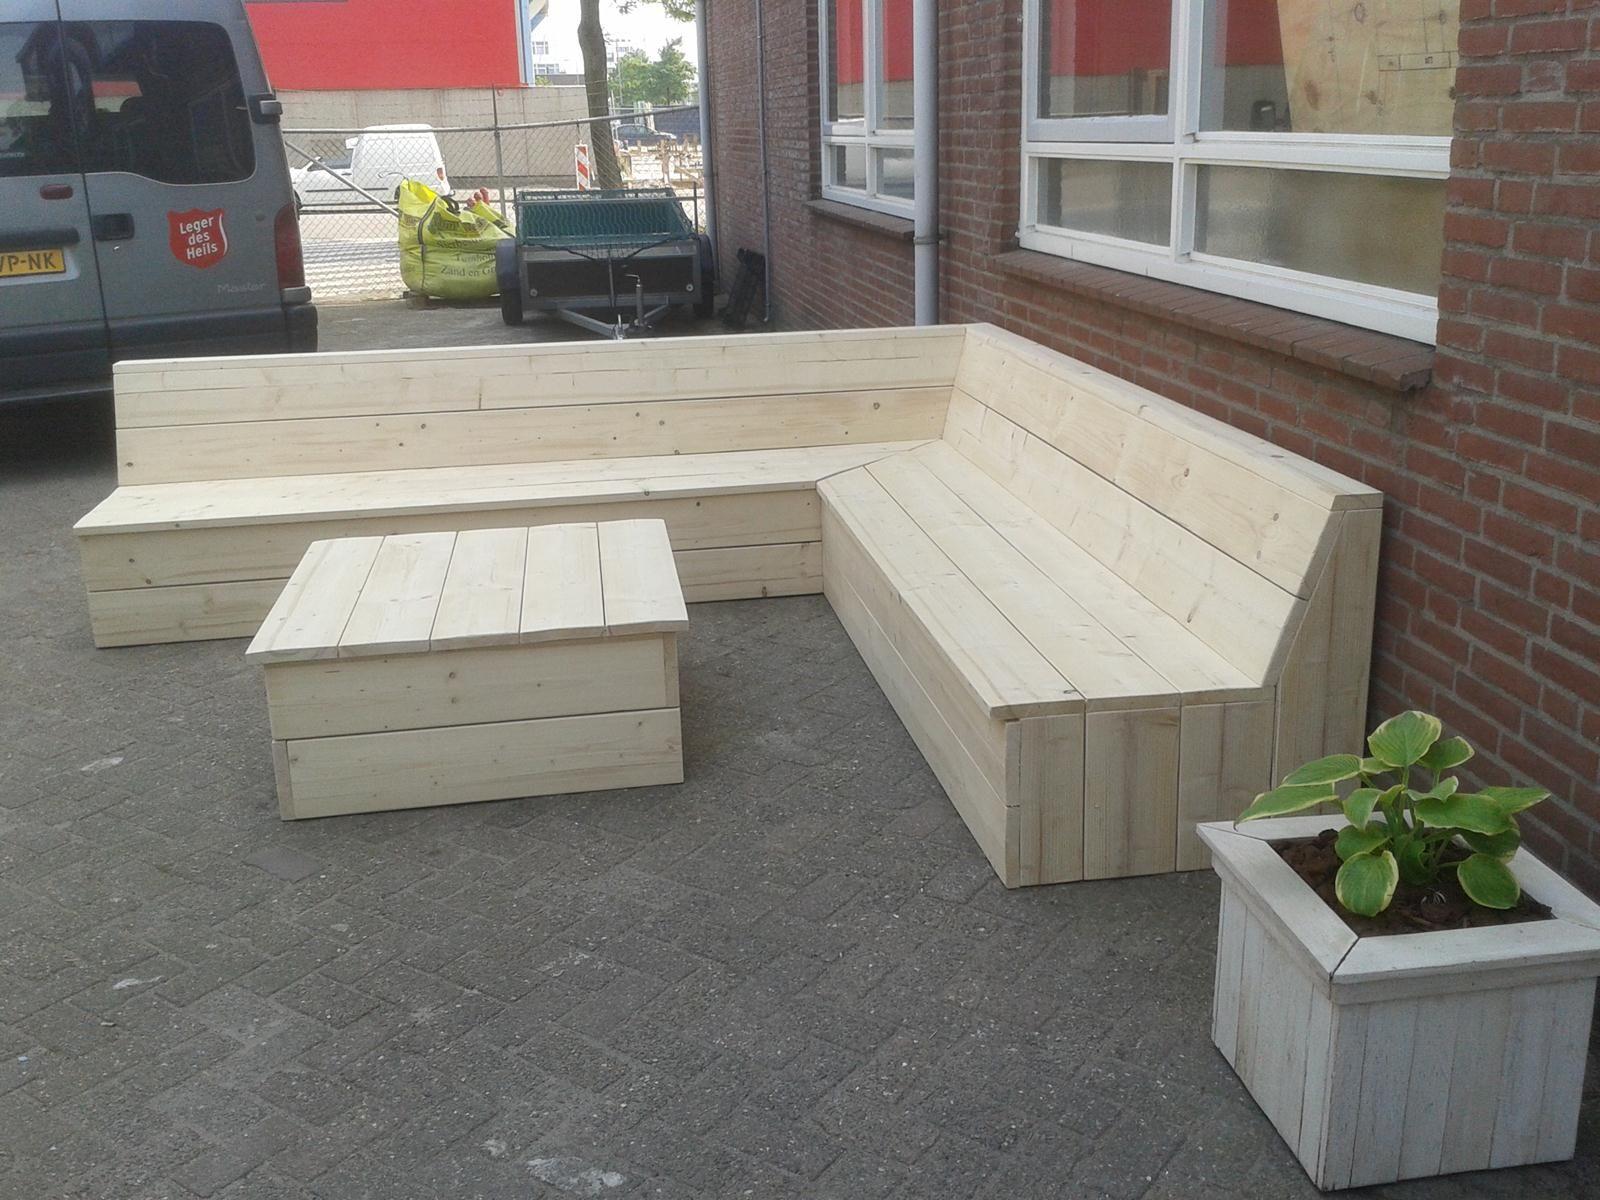 Steigerhout Meubels Barendrecht : Steigerhouten hoekbank met hoge tafel voor in de tuin barendrecht